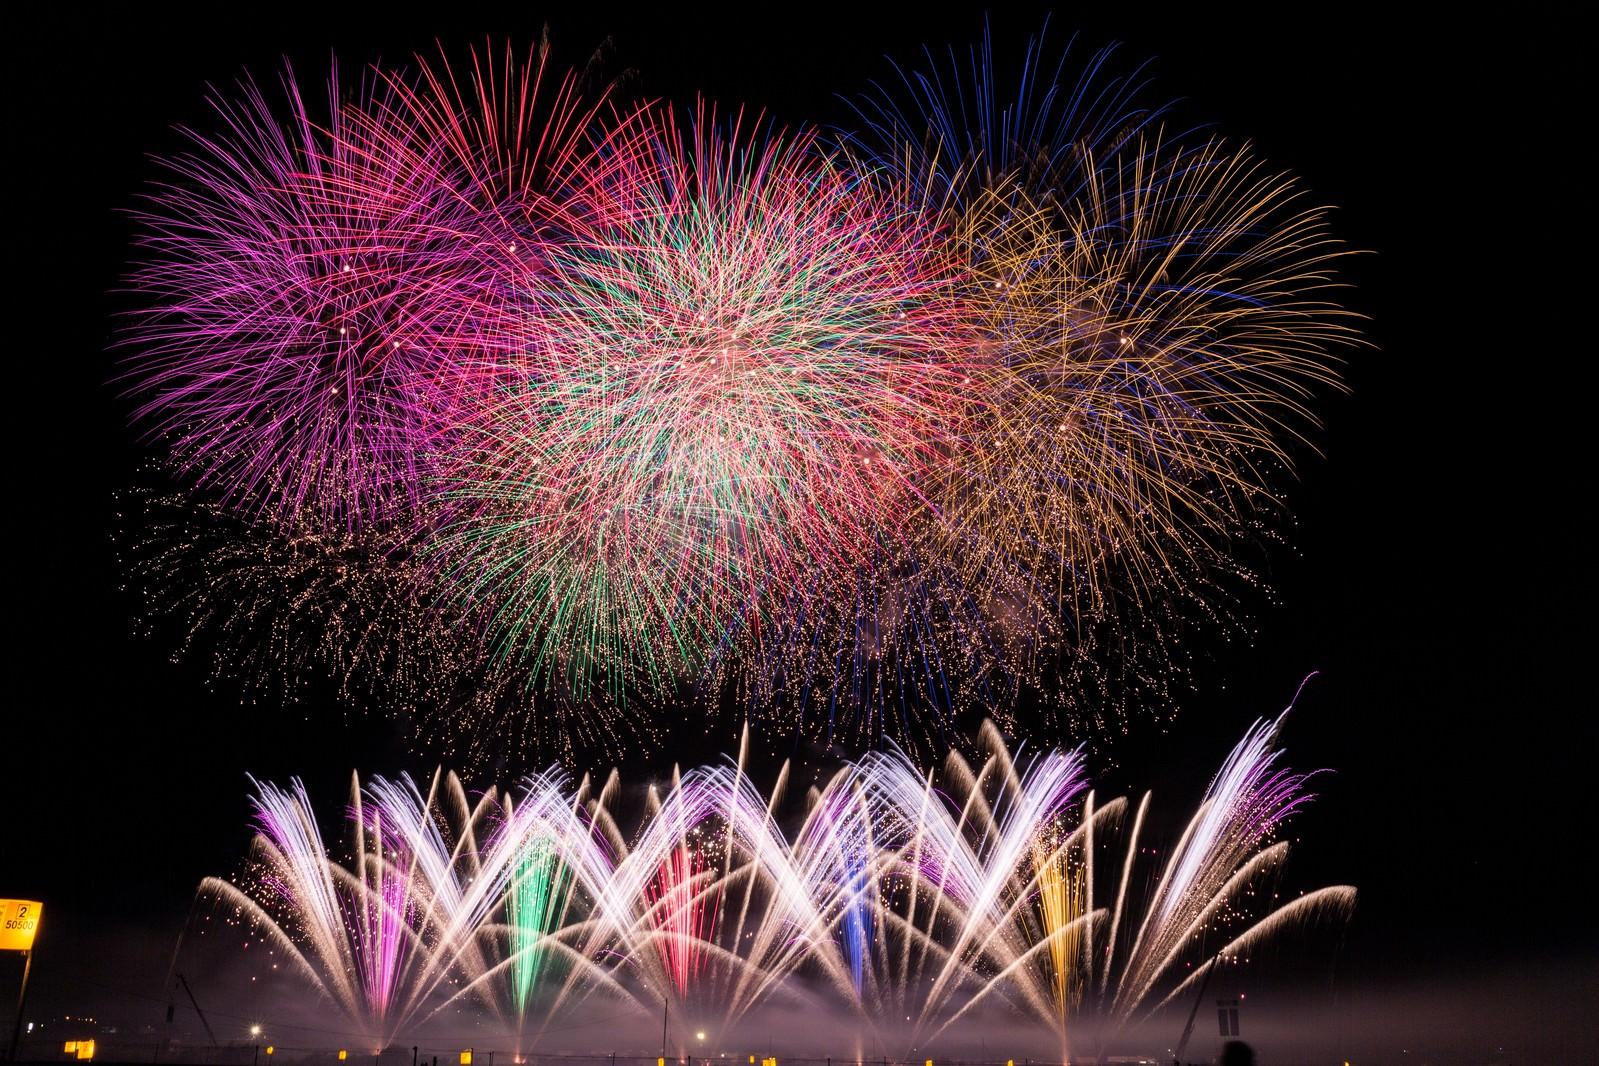 「ド派手な打ち上げ花火」の写真